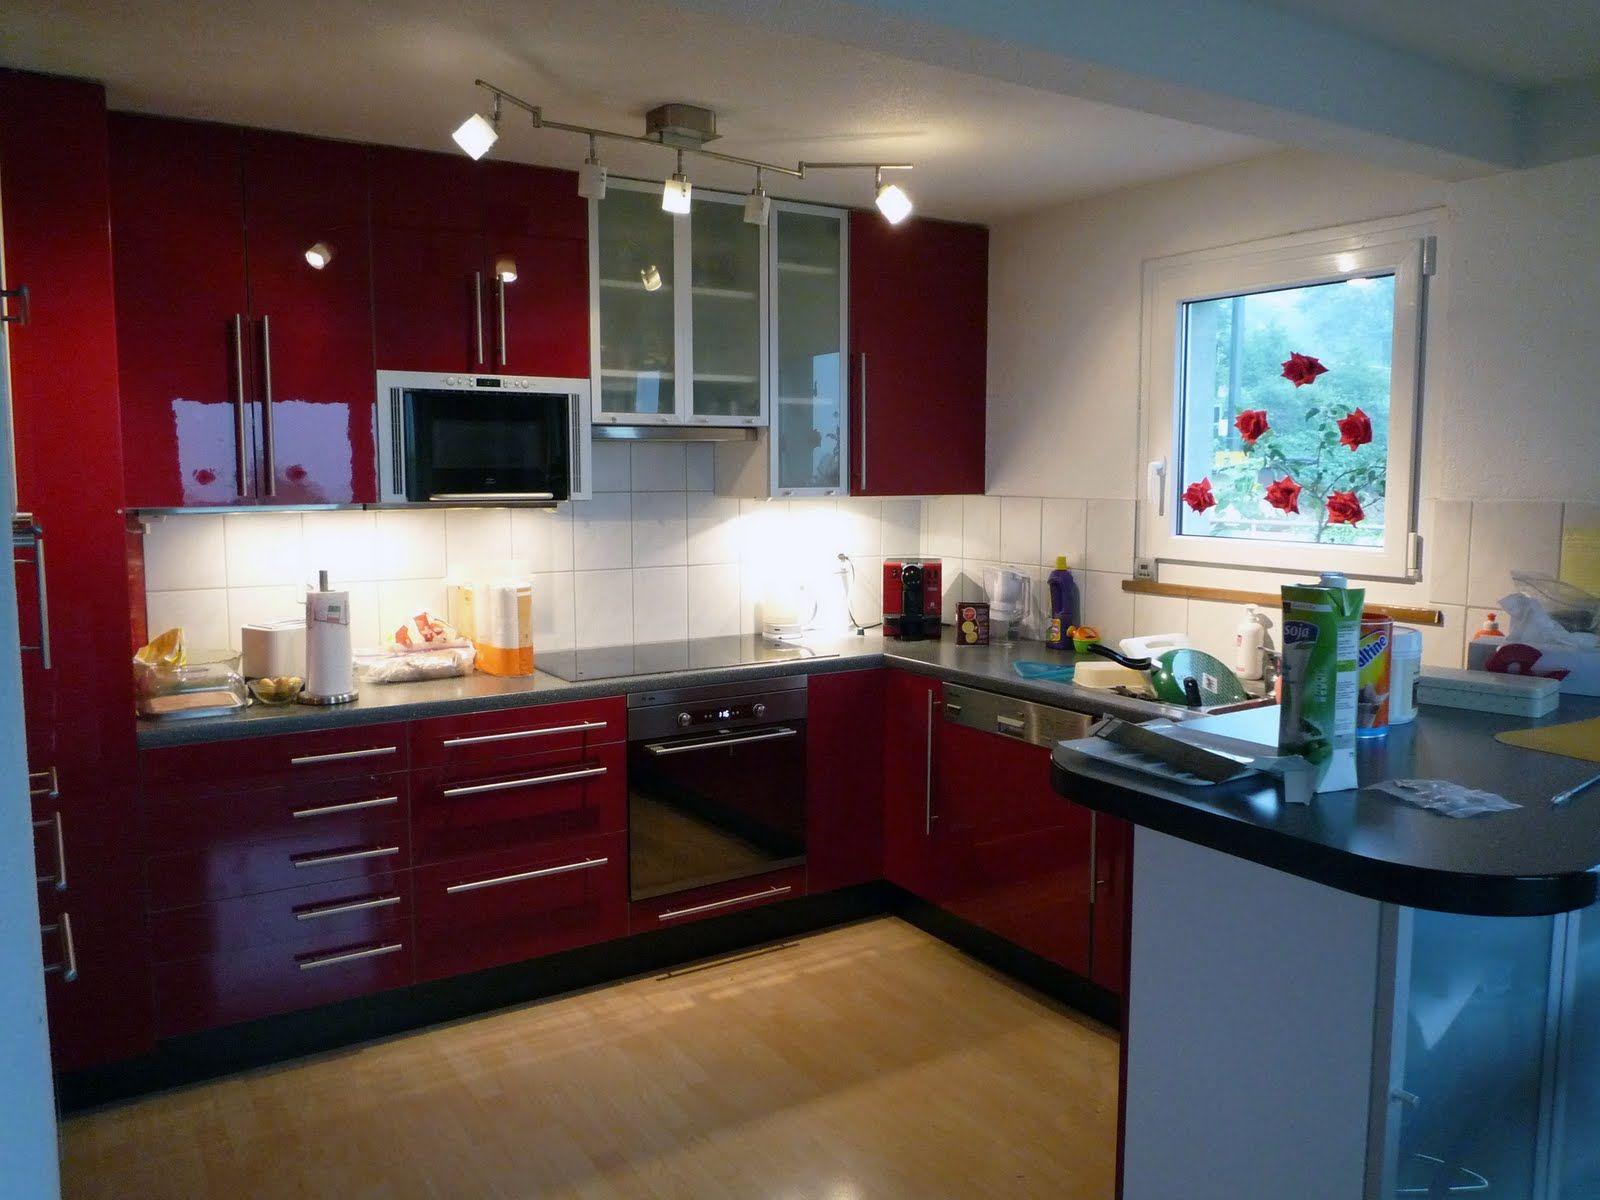 cocinas   cocinas   Pinterest   Cocinas, Cocina roja y Estilos de ...